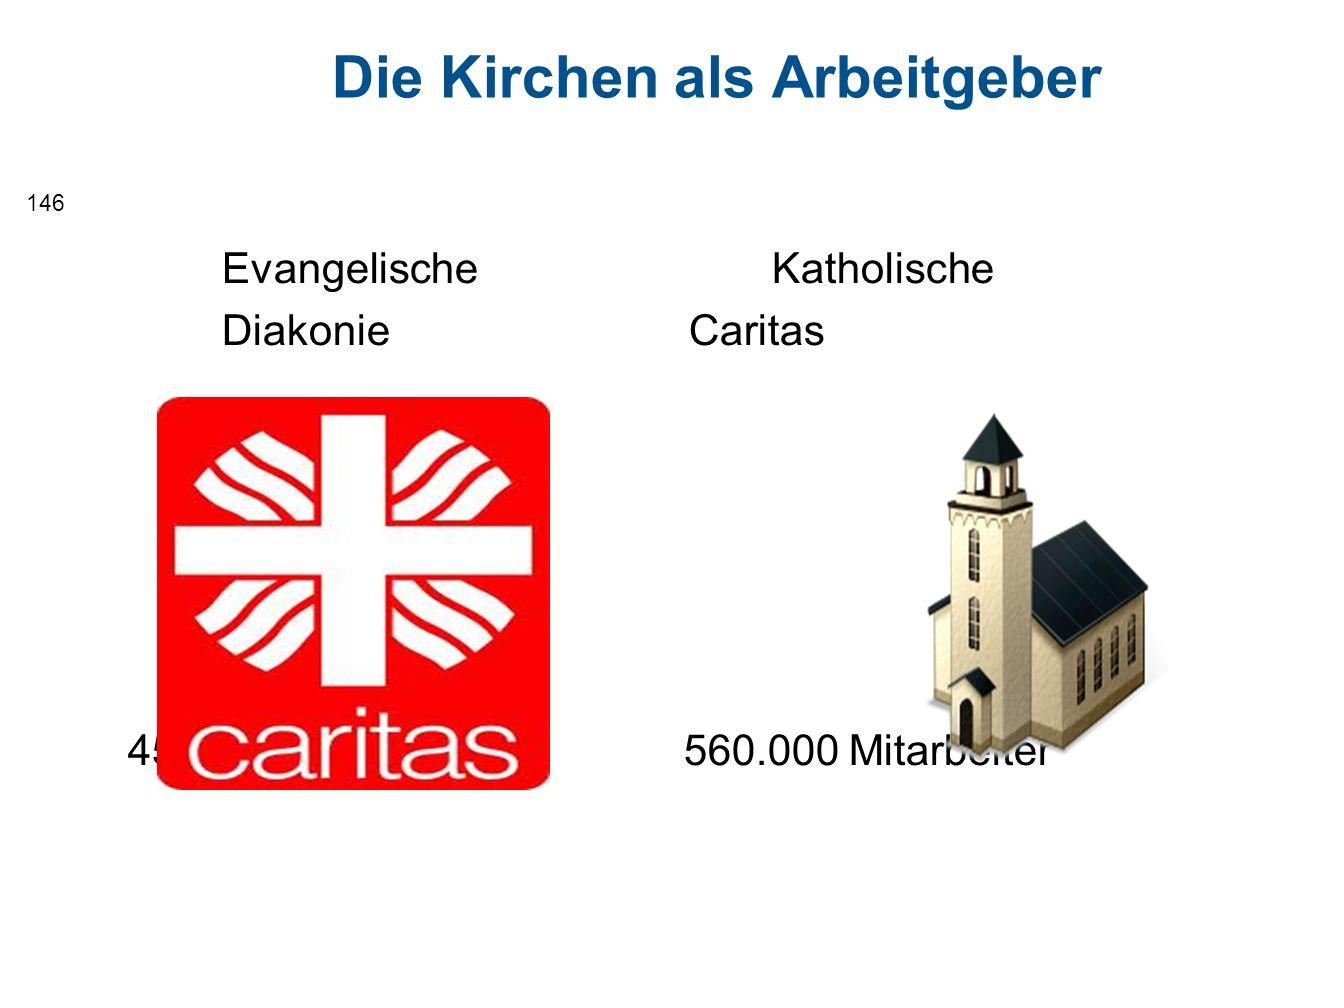 Evangelische Katholische Diakonie Caritas 453.000 Mitarbeiter 560.000 Mitarbeiter 146 Die Kirchen als Arbeitgeber